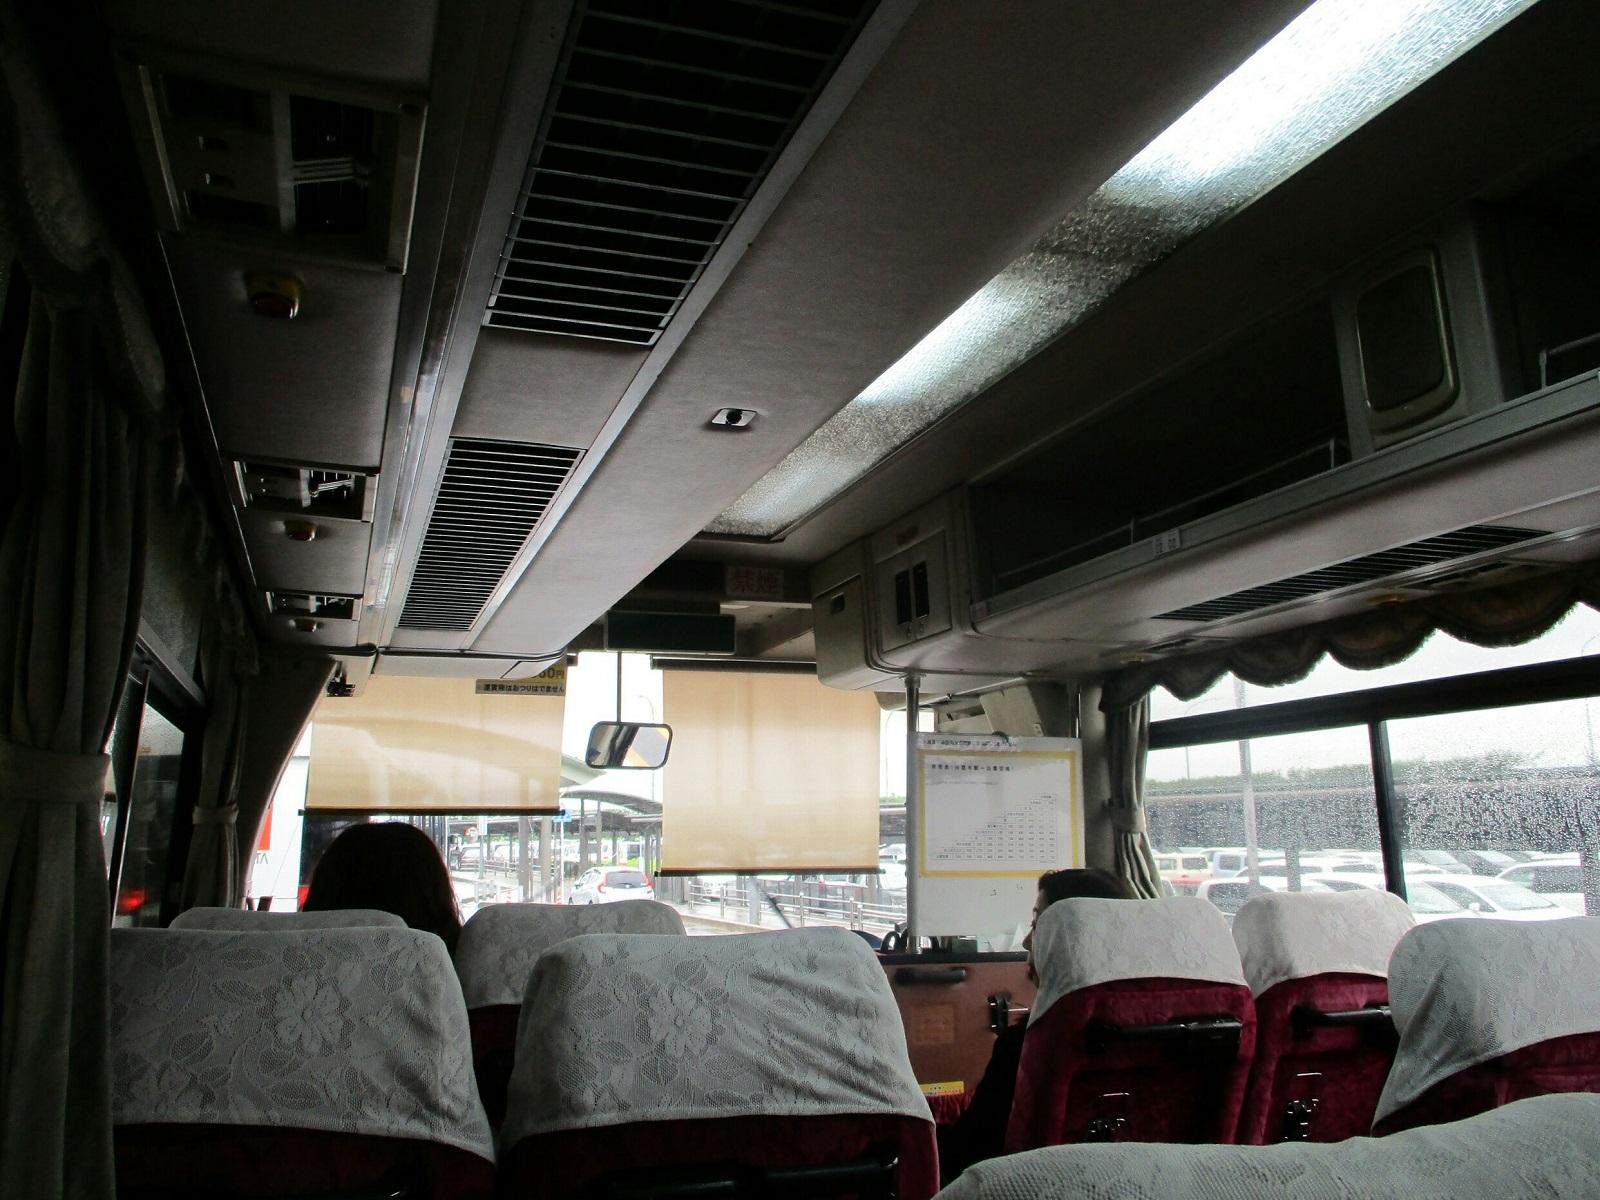 2018.7.6 (31) 出雲市駅いきバス - 出雲空港しゅっぱつ 1600-1200